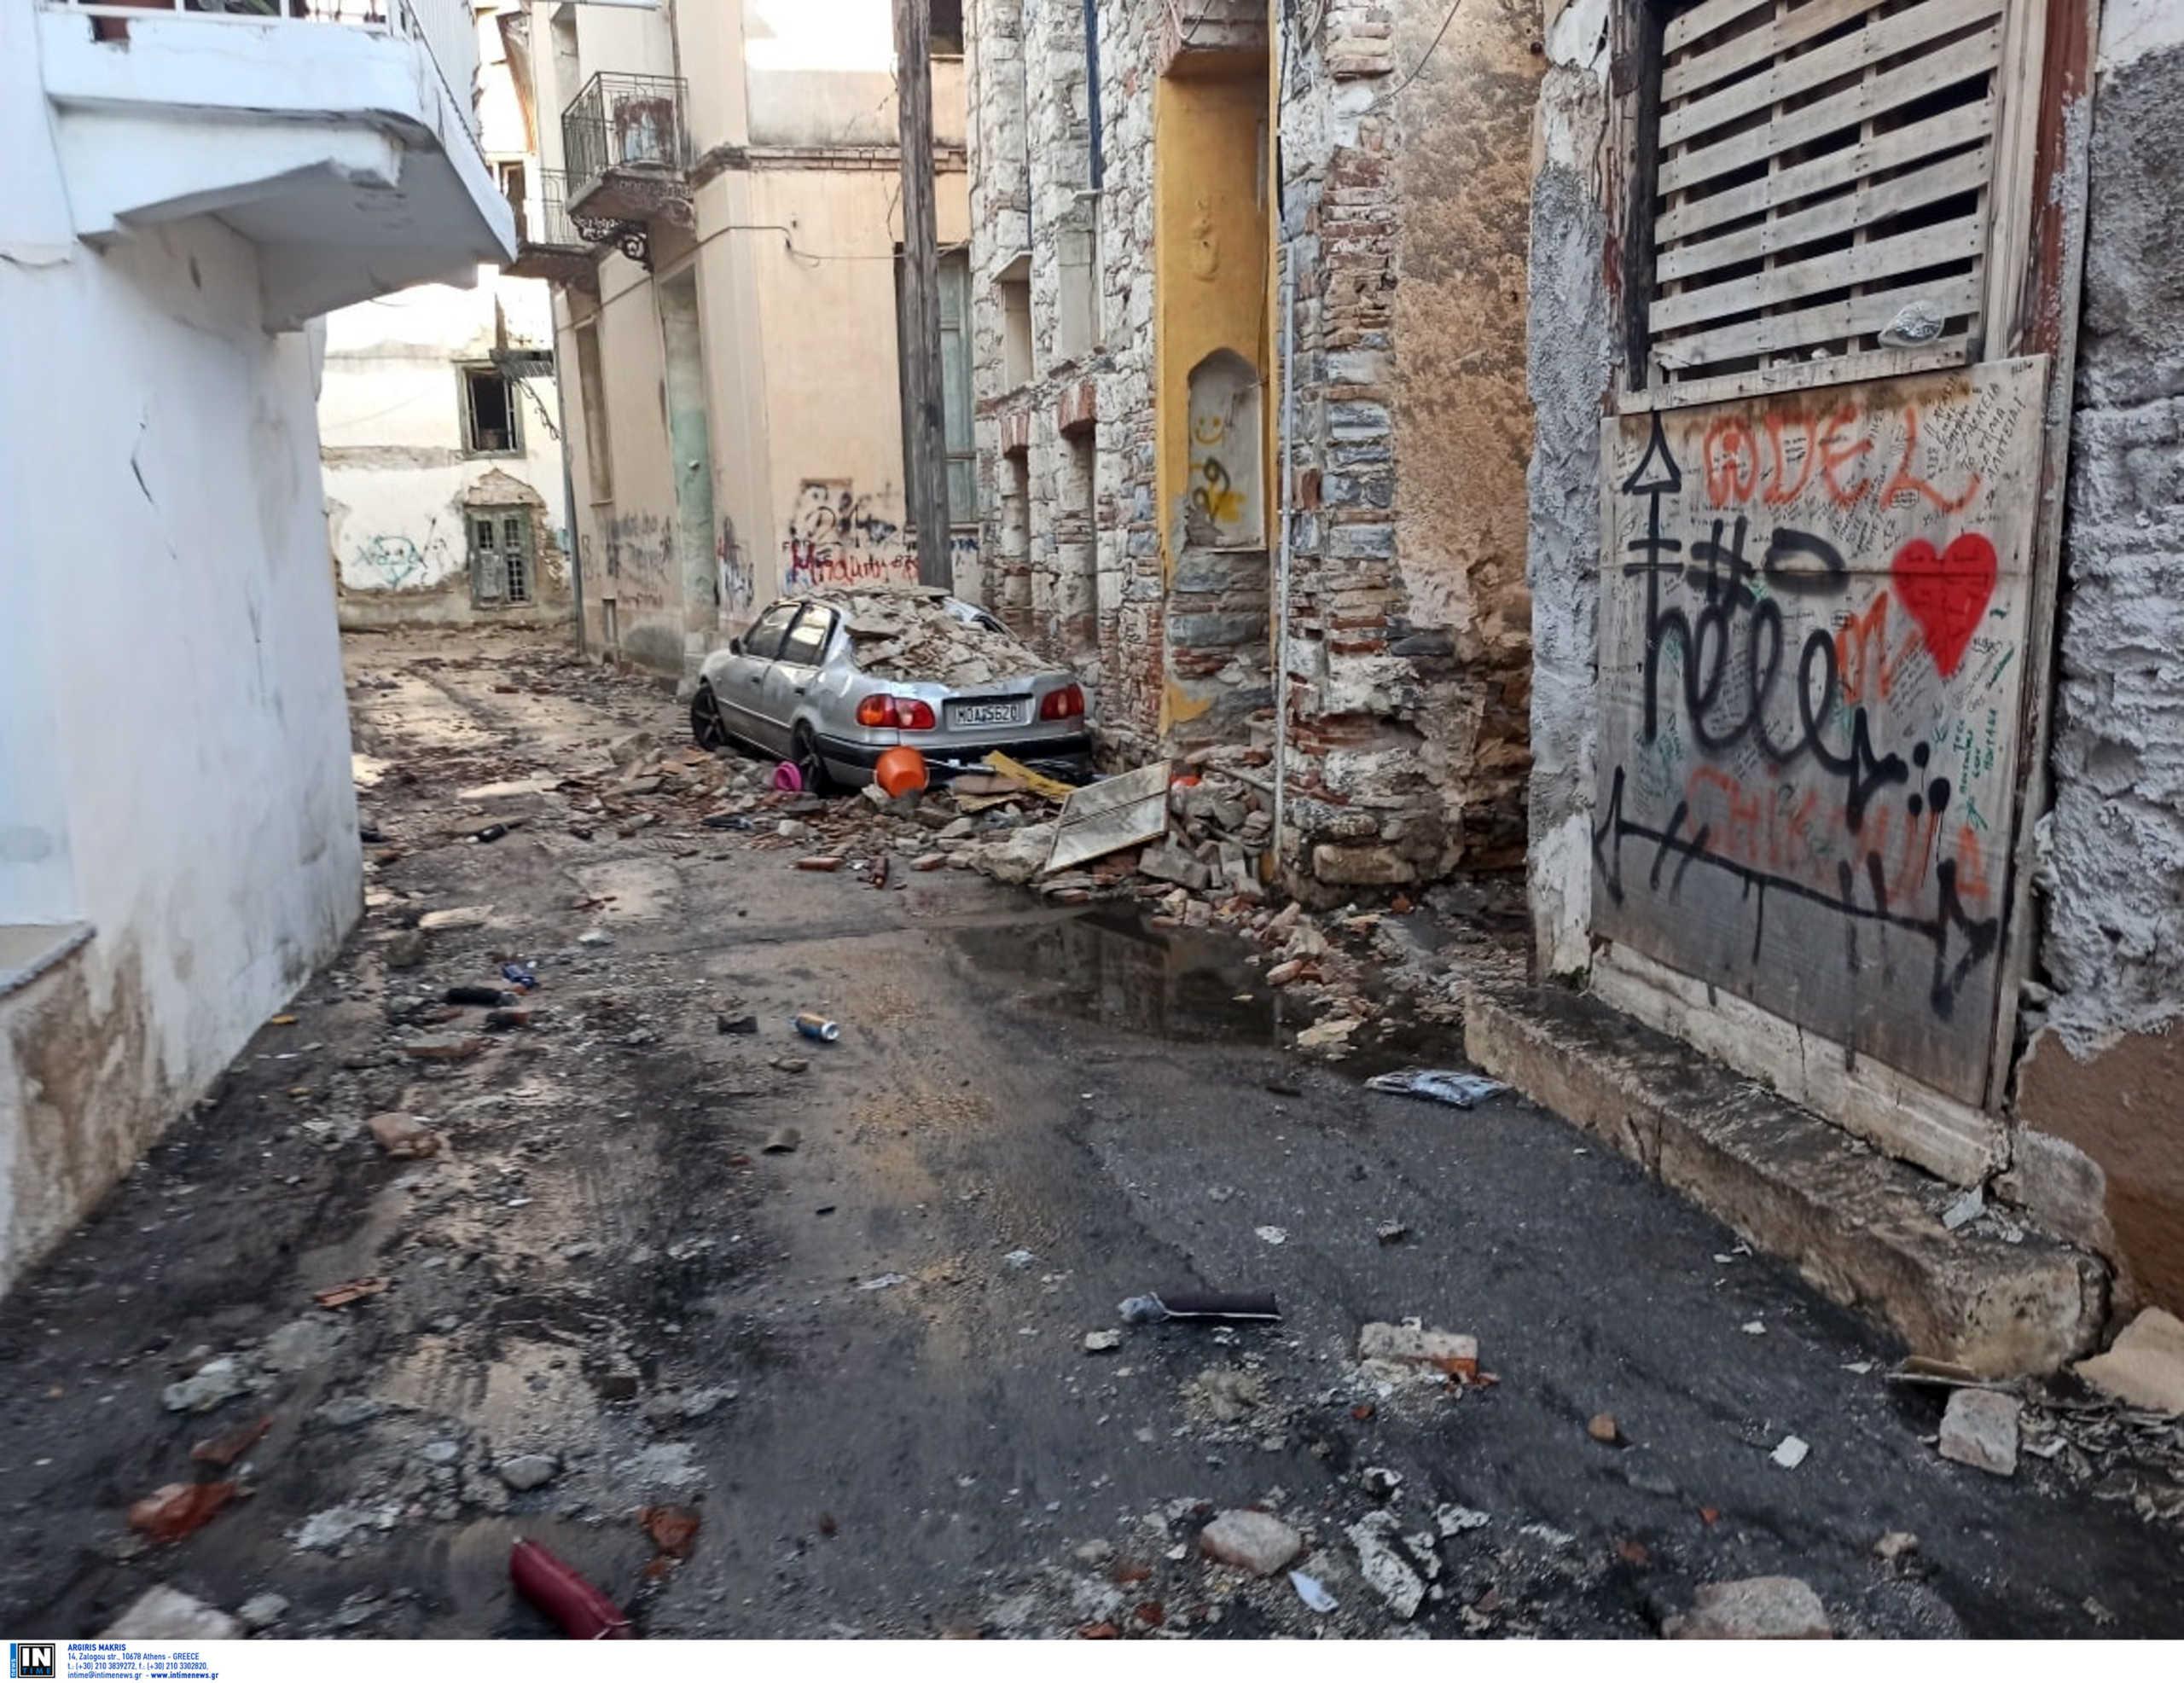 Η Σάμος μετά το σεισμό: Θρήνος και ανοιχτές πληγές – Ζημιές σε 200 κτίρια – Μαρτυρίες σοκ